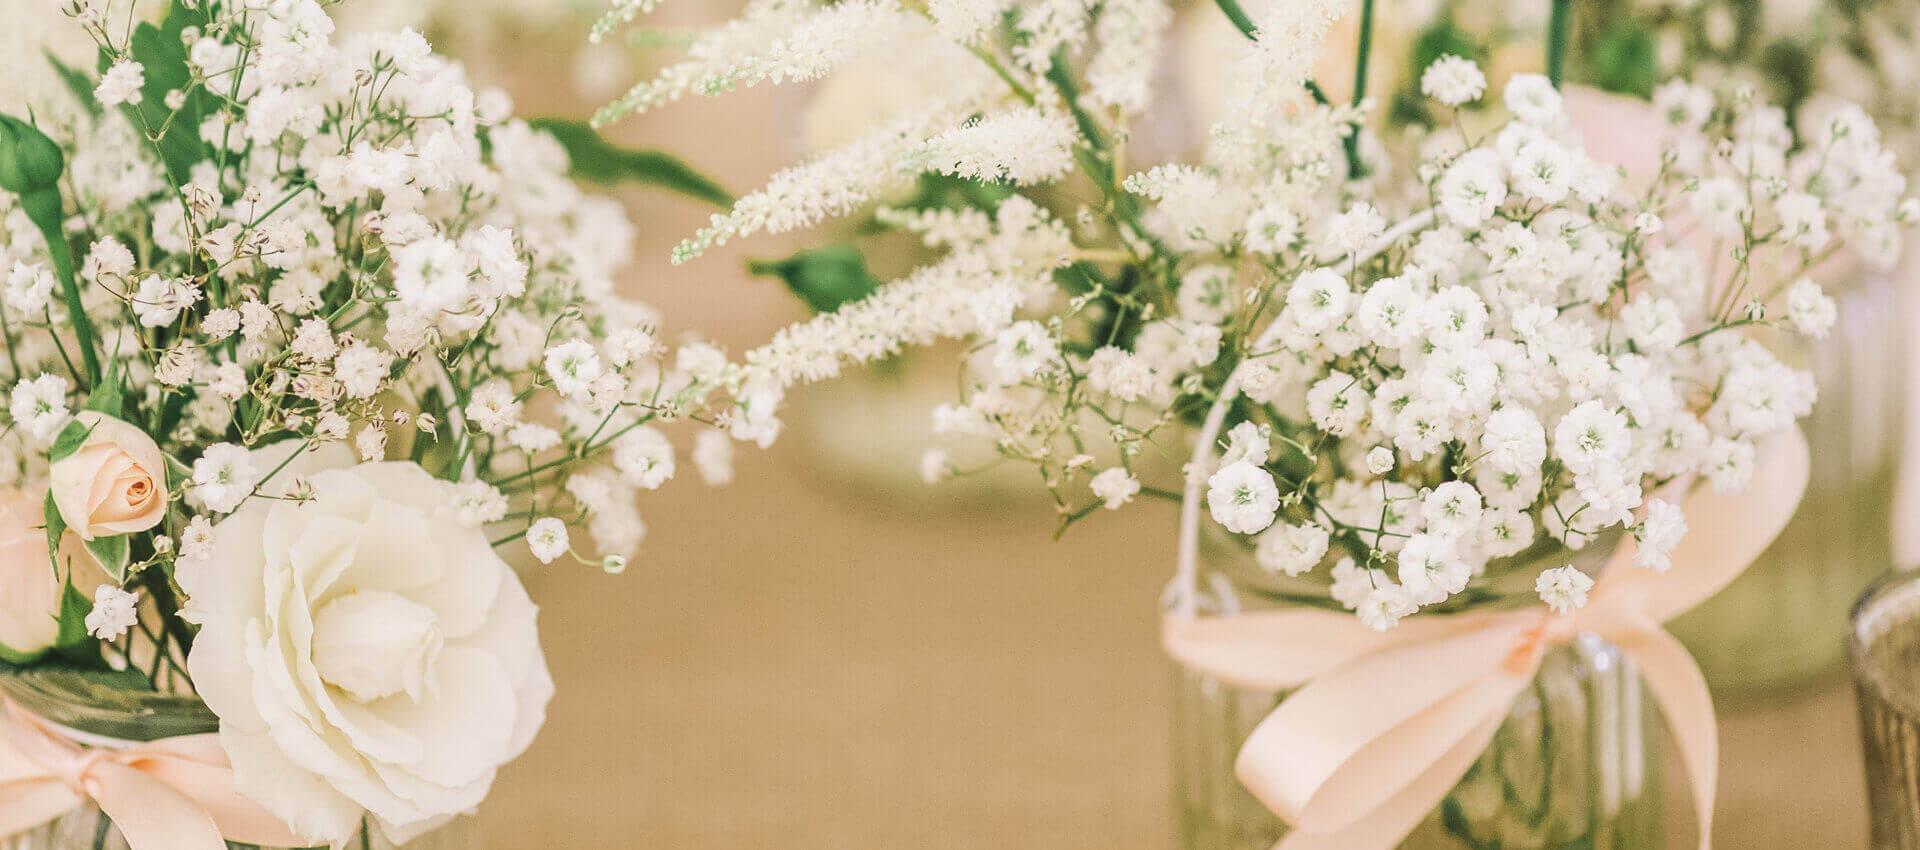 bodas ecologicas originales